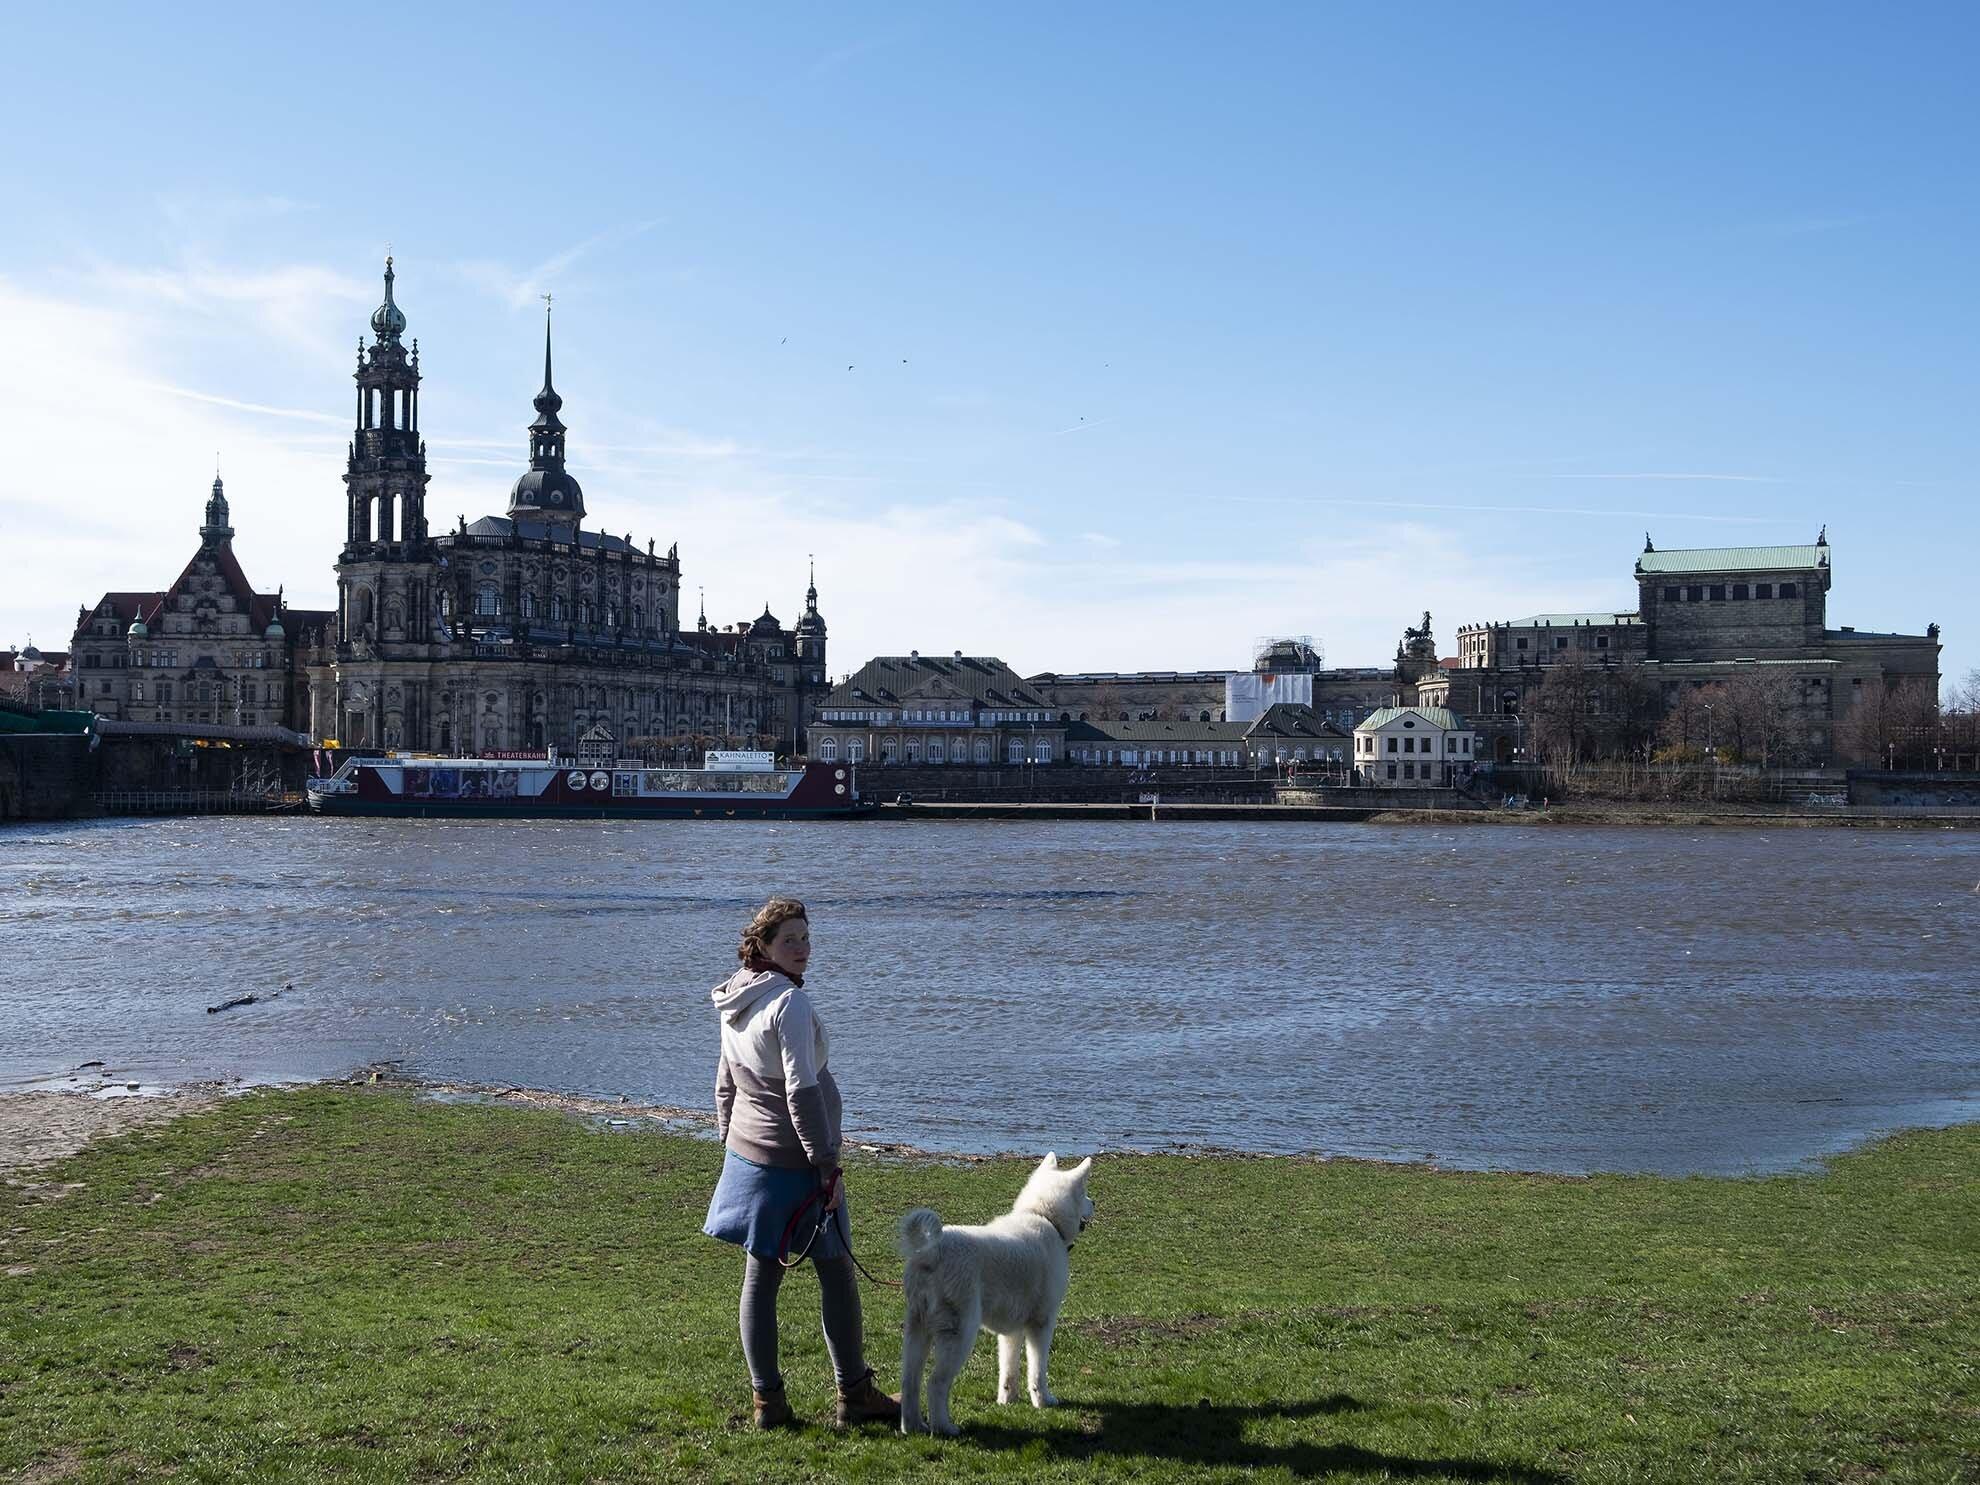 Dresda, il fiume Elba e il centro storico | Ignacio Maria Coccia, Goethe-Institut.